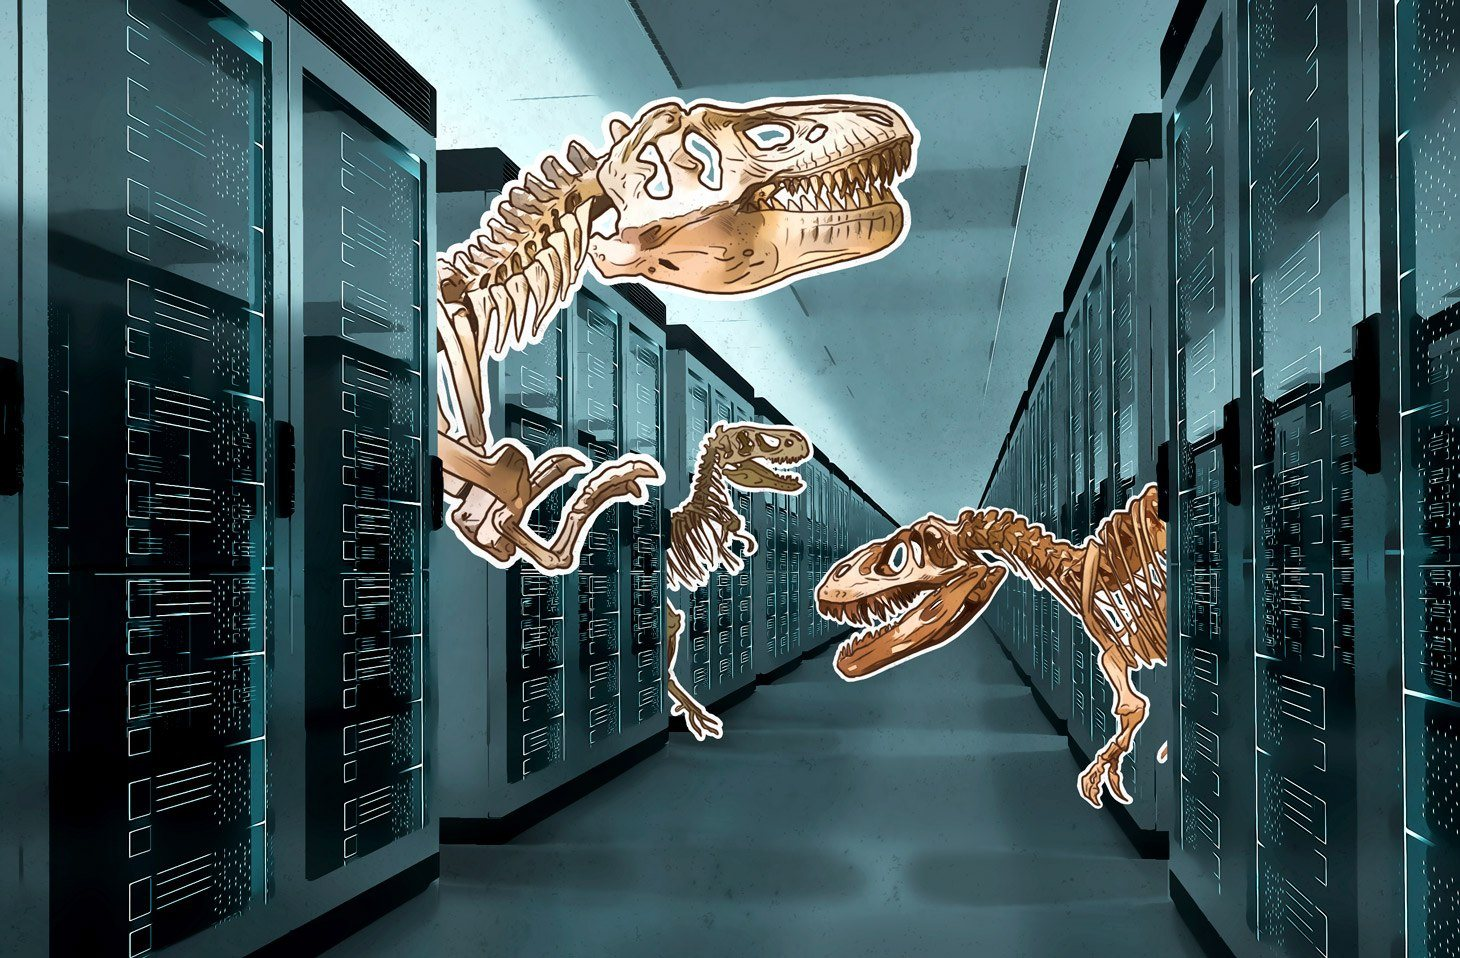 Cyber-paleontologia: incredibile, vero? E i risultati ancora di più